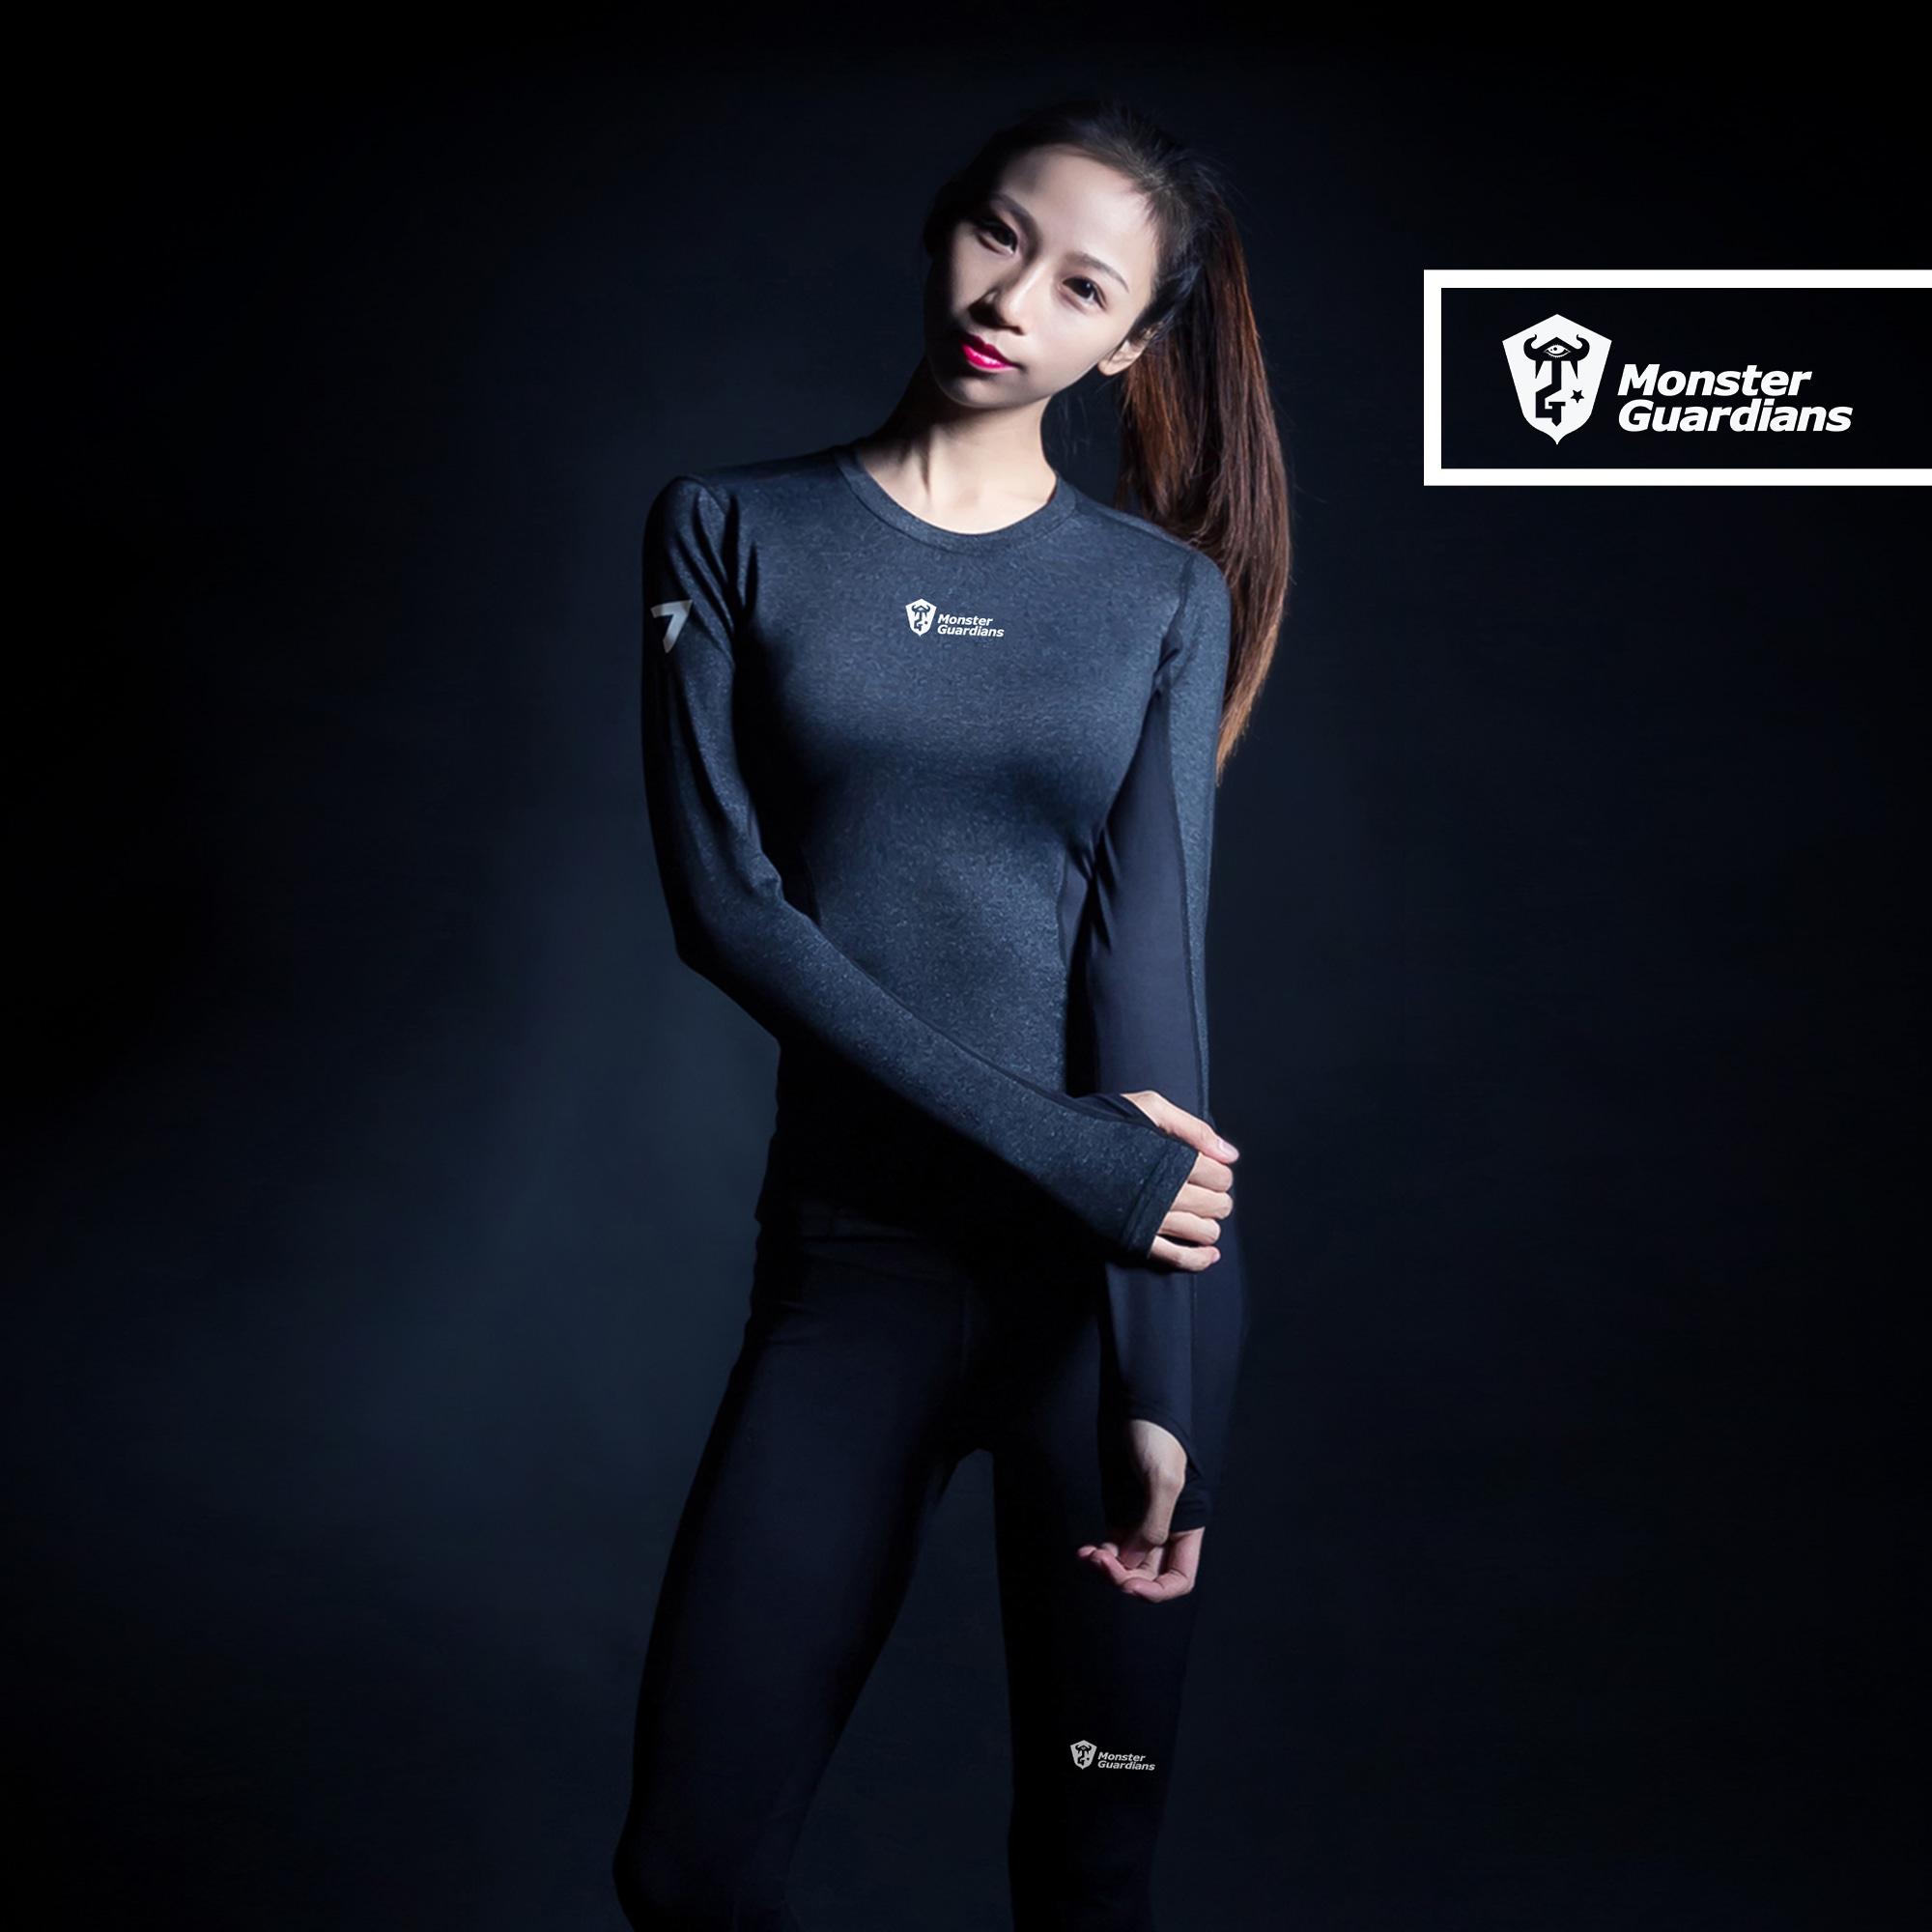 Serie de última tecnología a las mujeres MonsterGuardians ejercicio Slim de secado rápido de manga larga de mallas